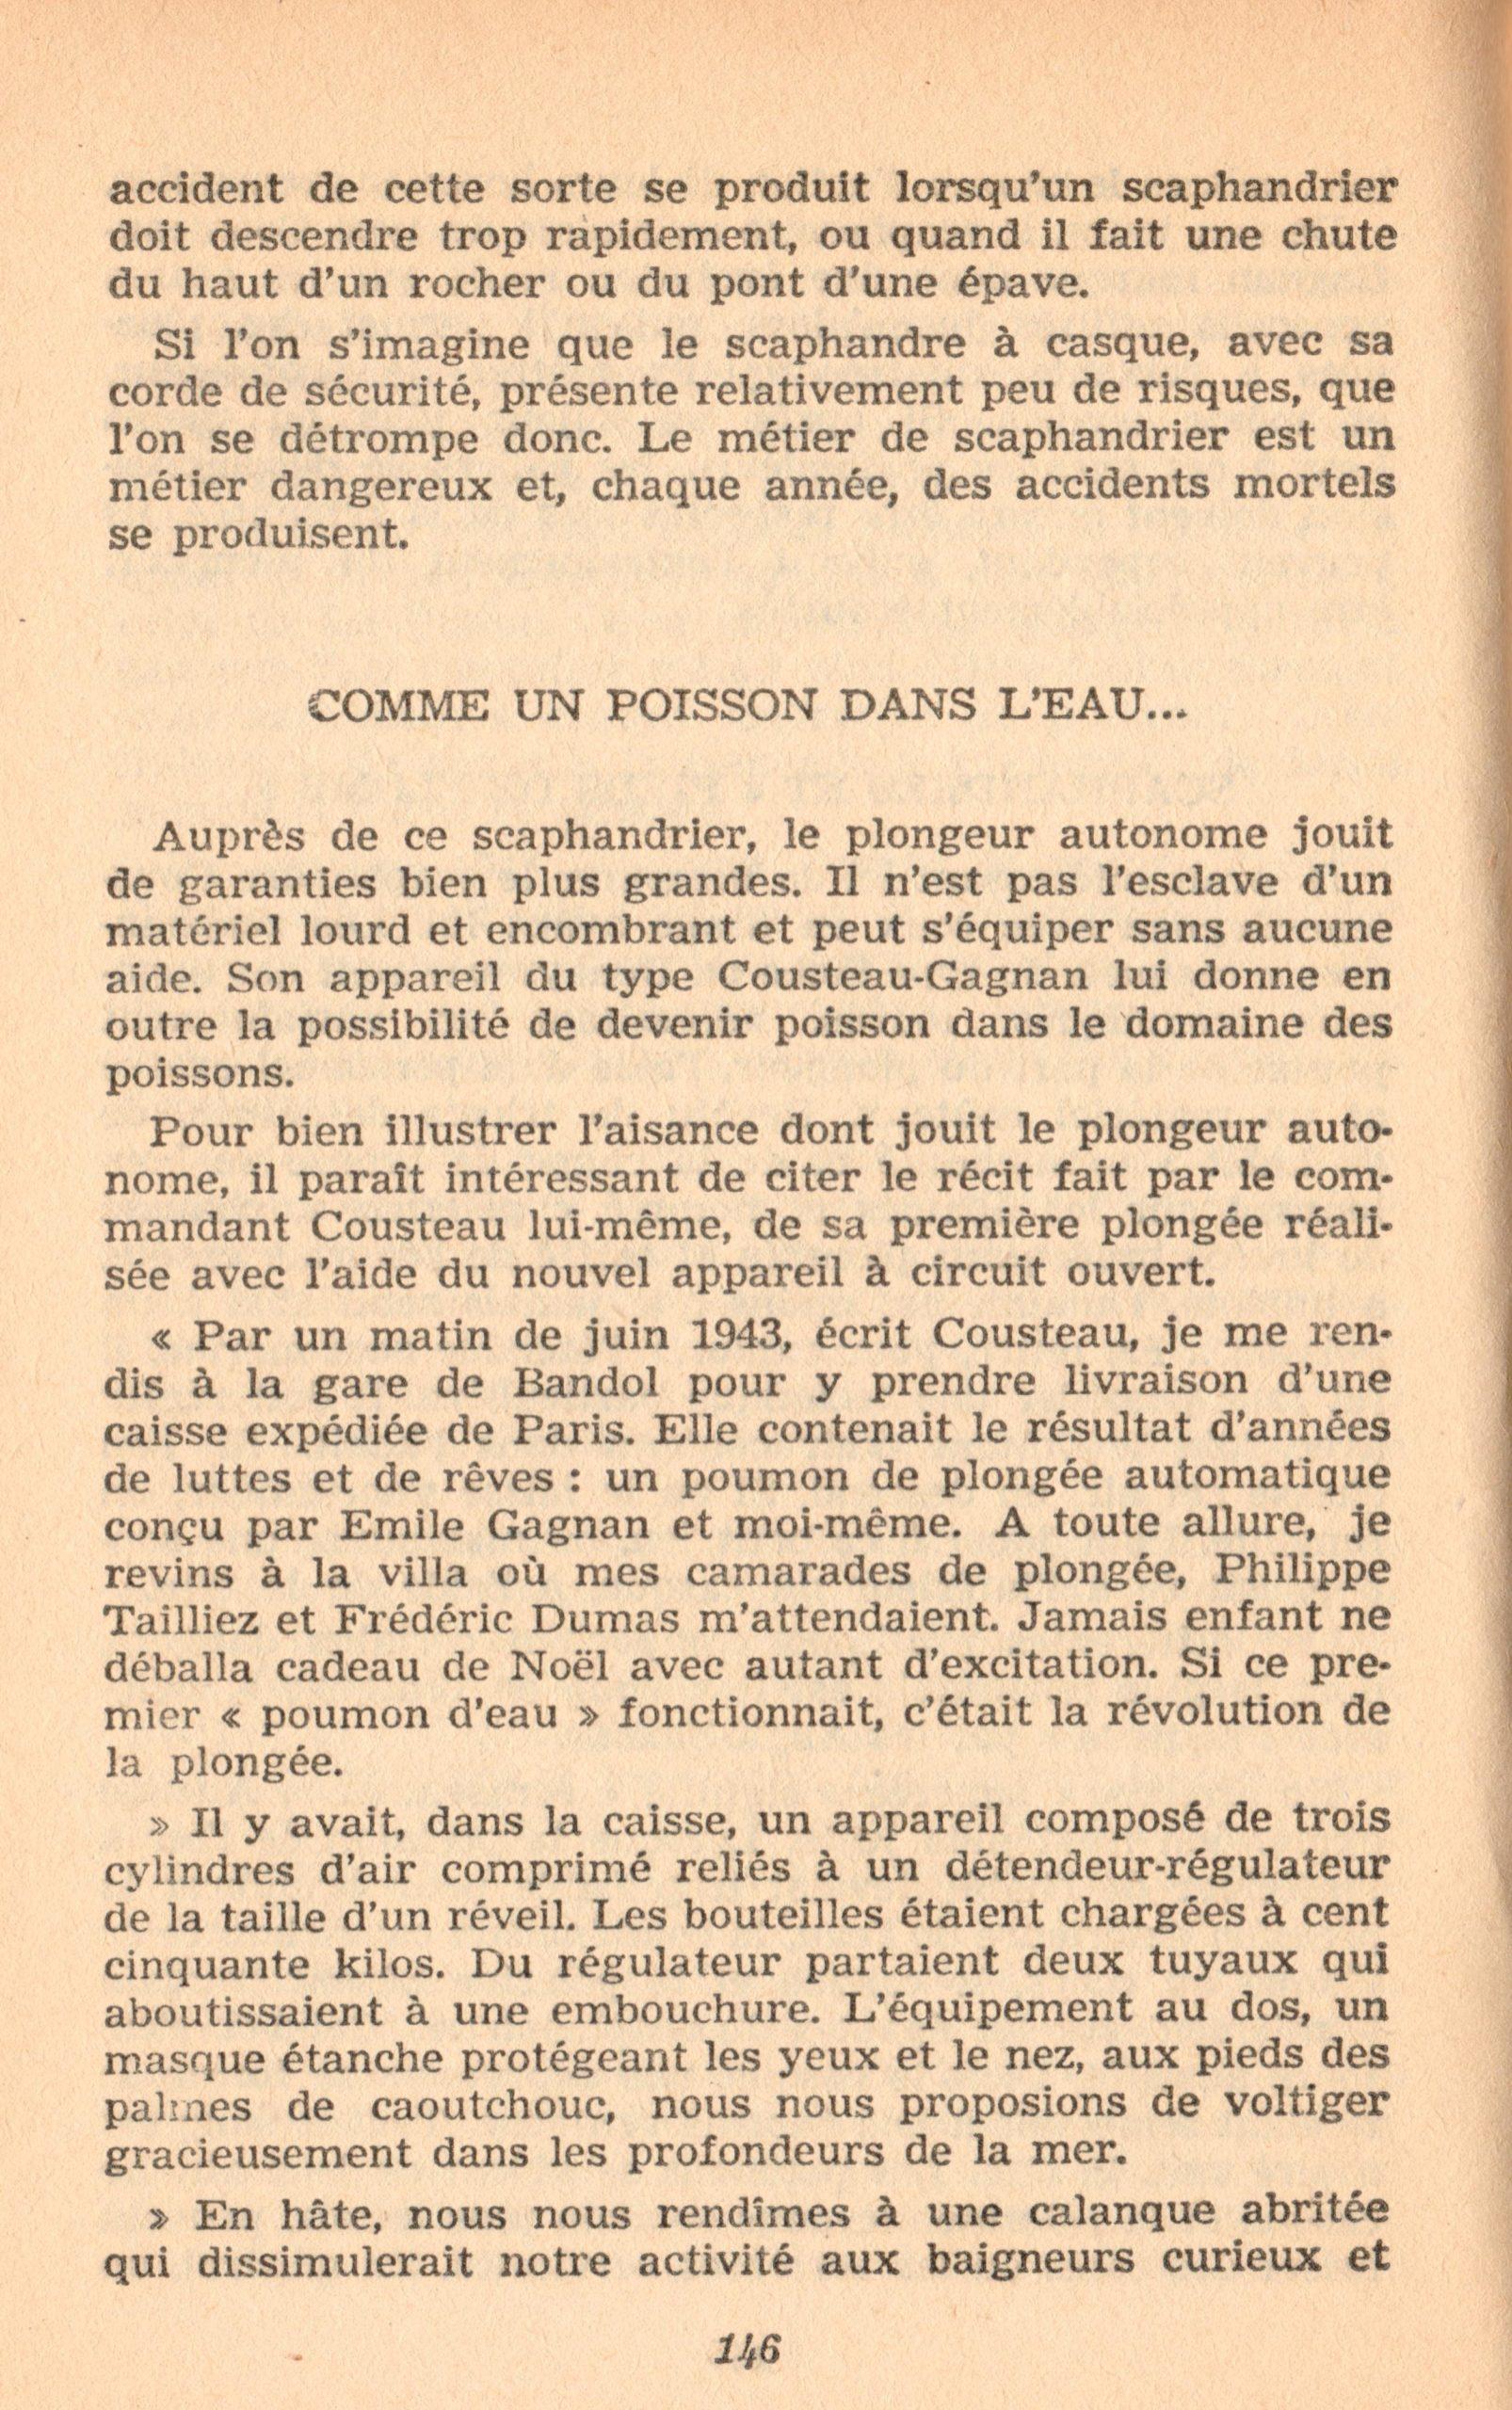 p146, La conquête des fonds sous-marins, marabout chercheur